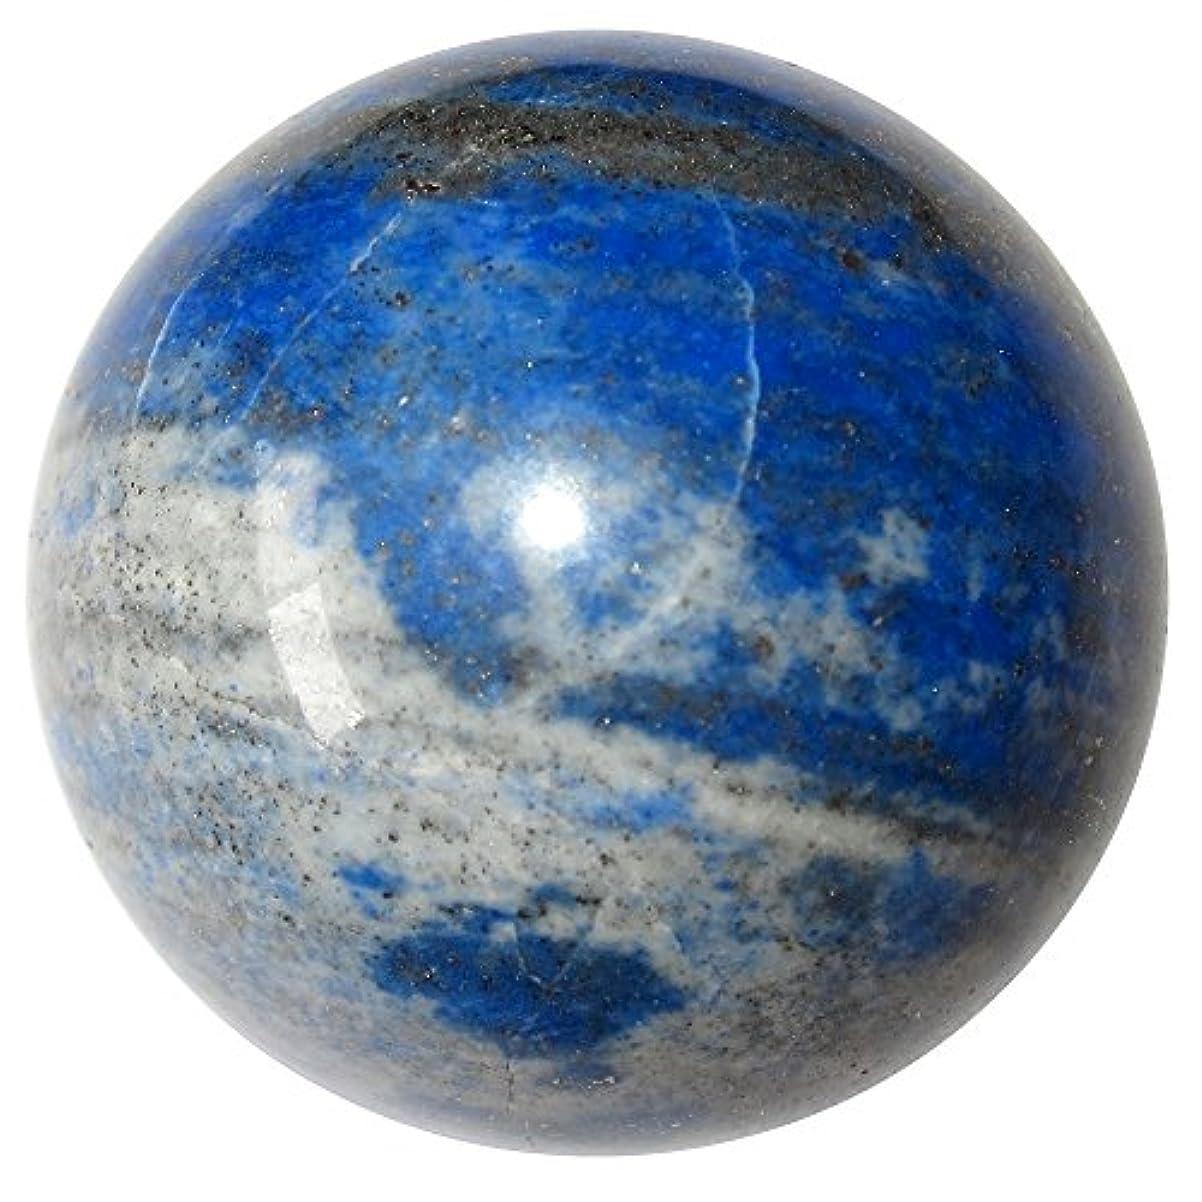 少ない確保するストライプサテンクリスタルLapisボールプレミアムブルーLazuli Third Eye Chakra直感的なHealing Precious Stone球p03 1.6 Inches ブルー lapisball03-afghanearth-1.6